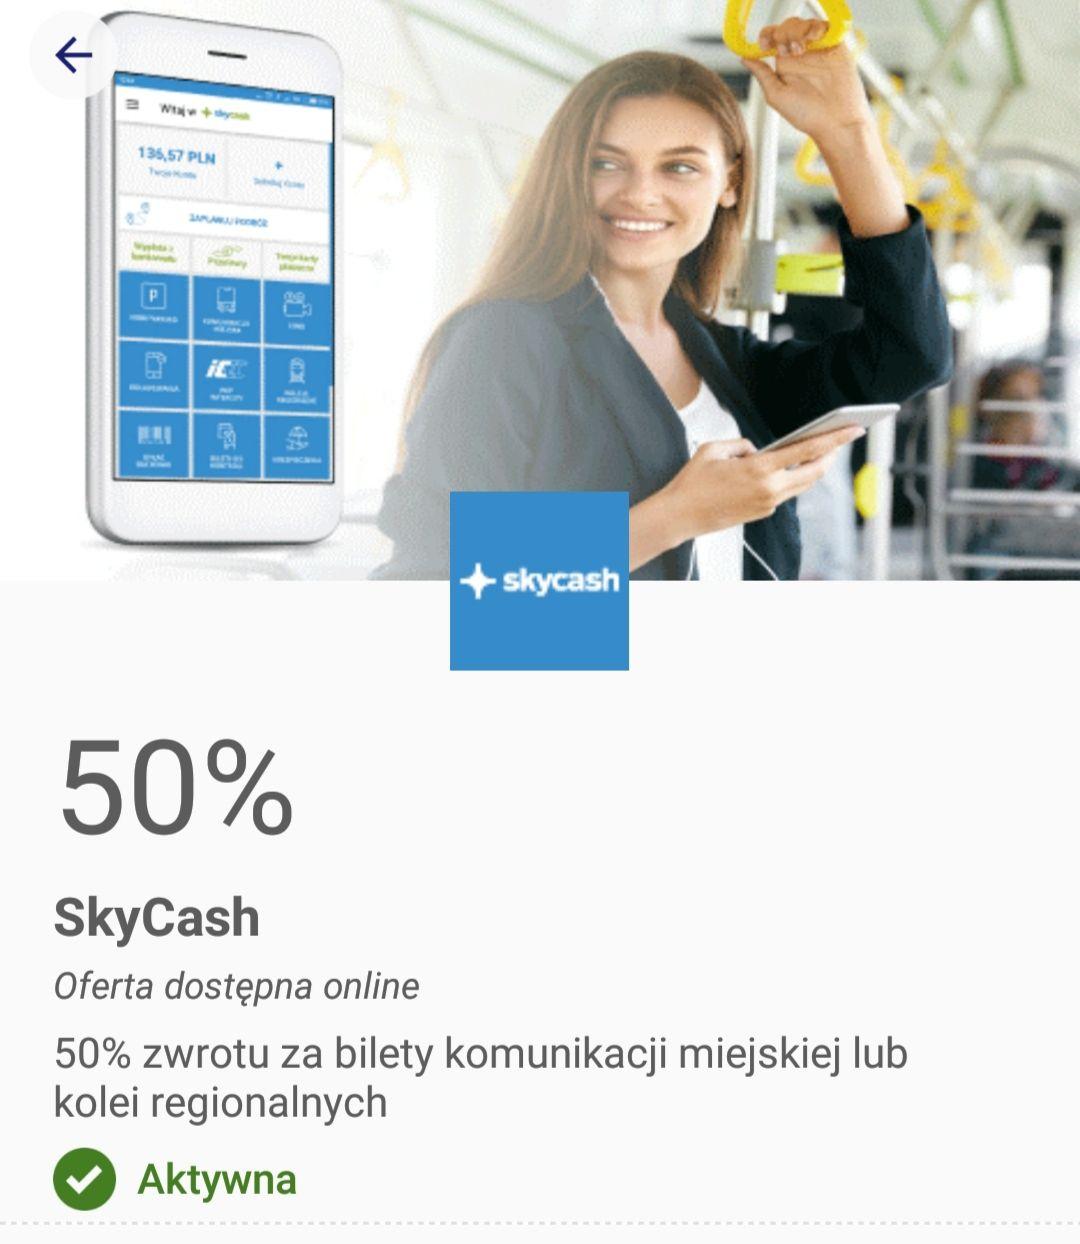 50% zwrotu za bilety komunikacji miejskiej lub kolei regionalnych Visa oferty  (max do 10zl)